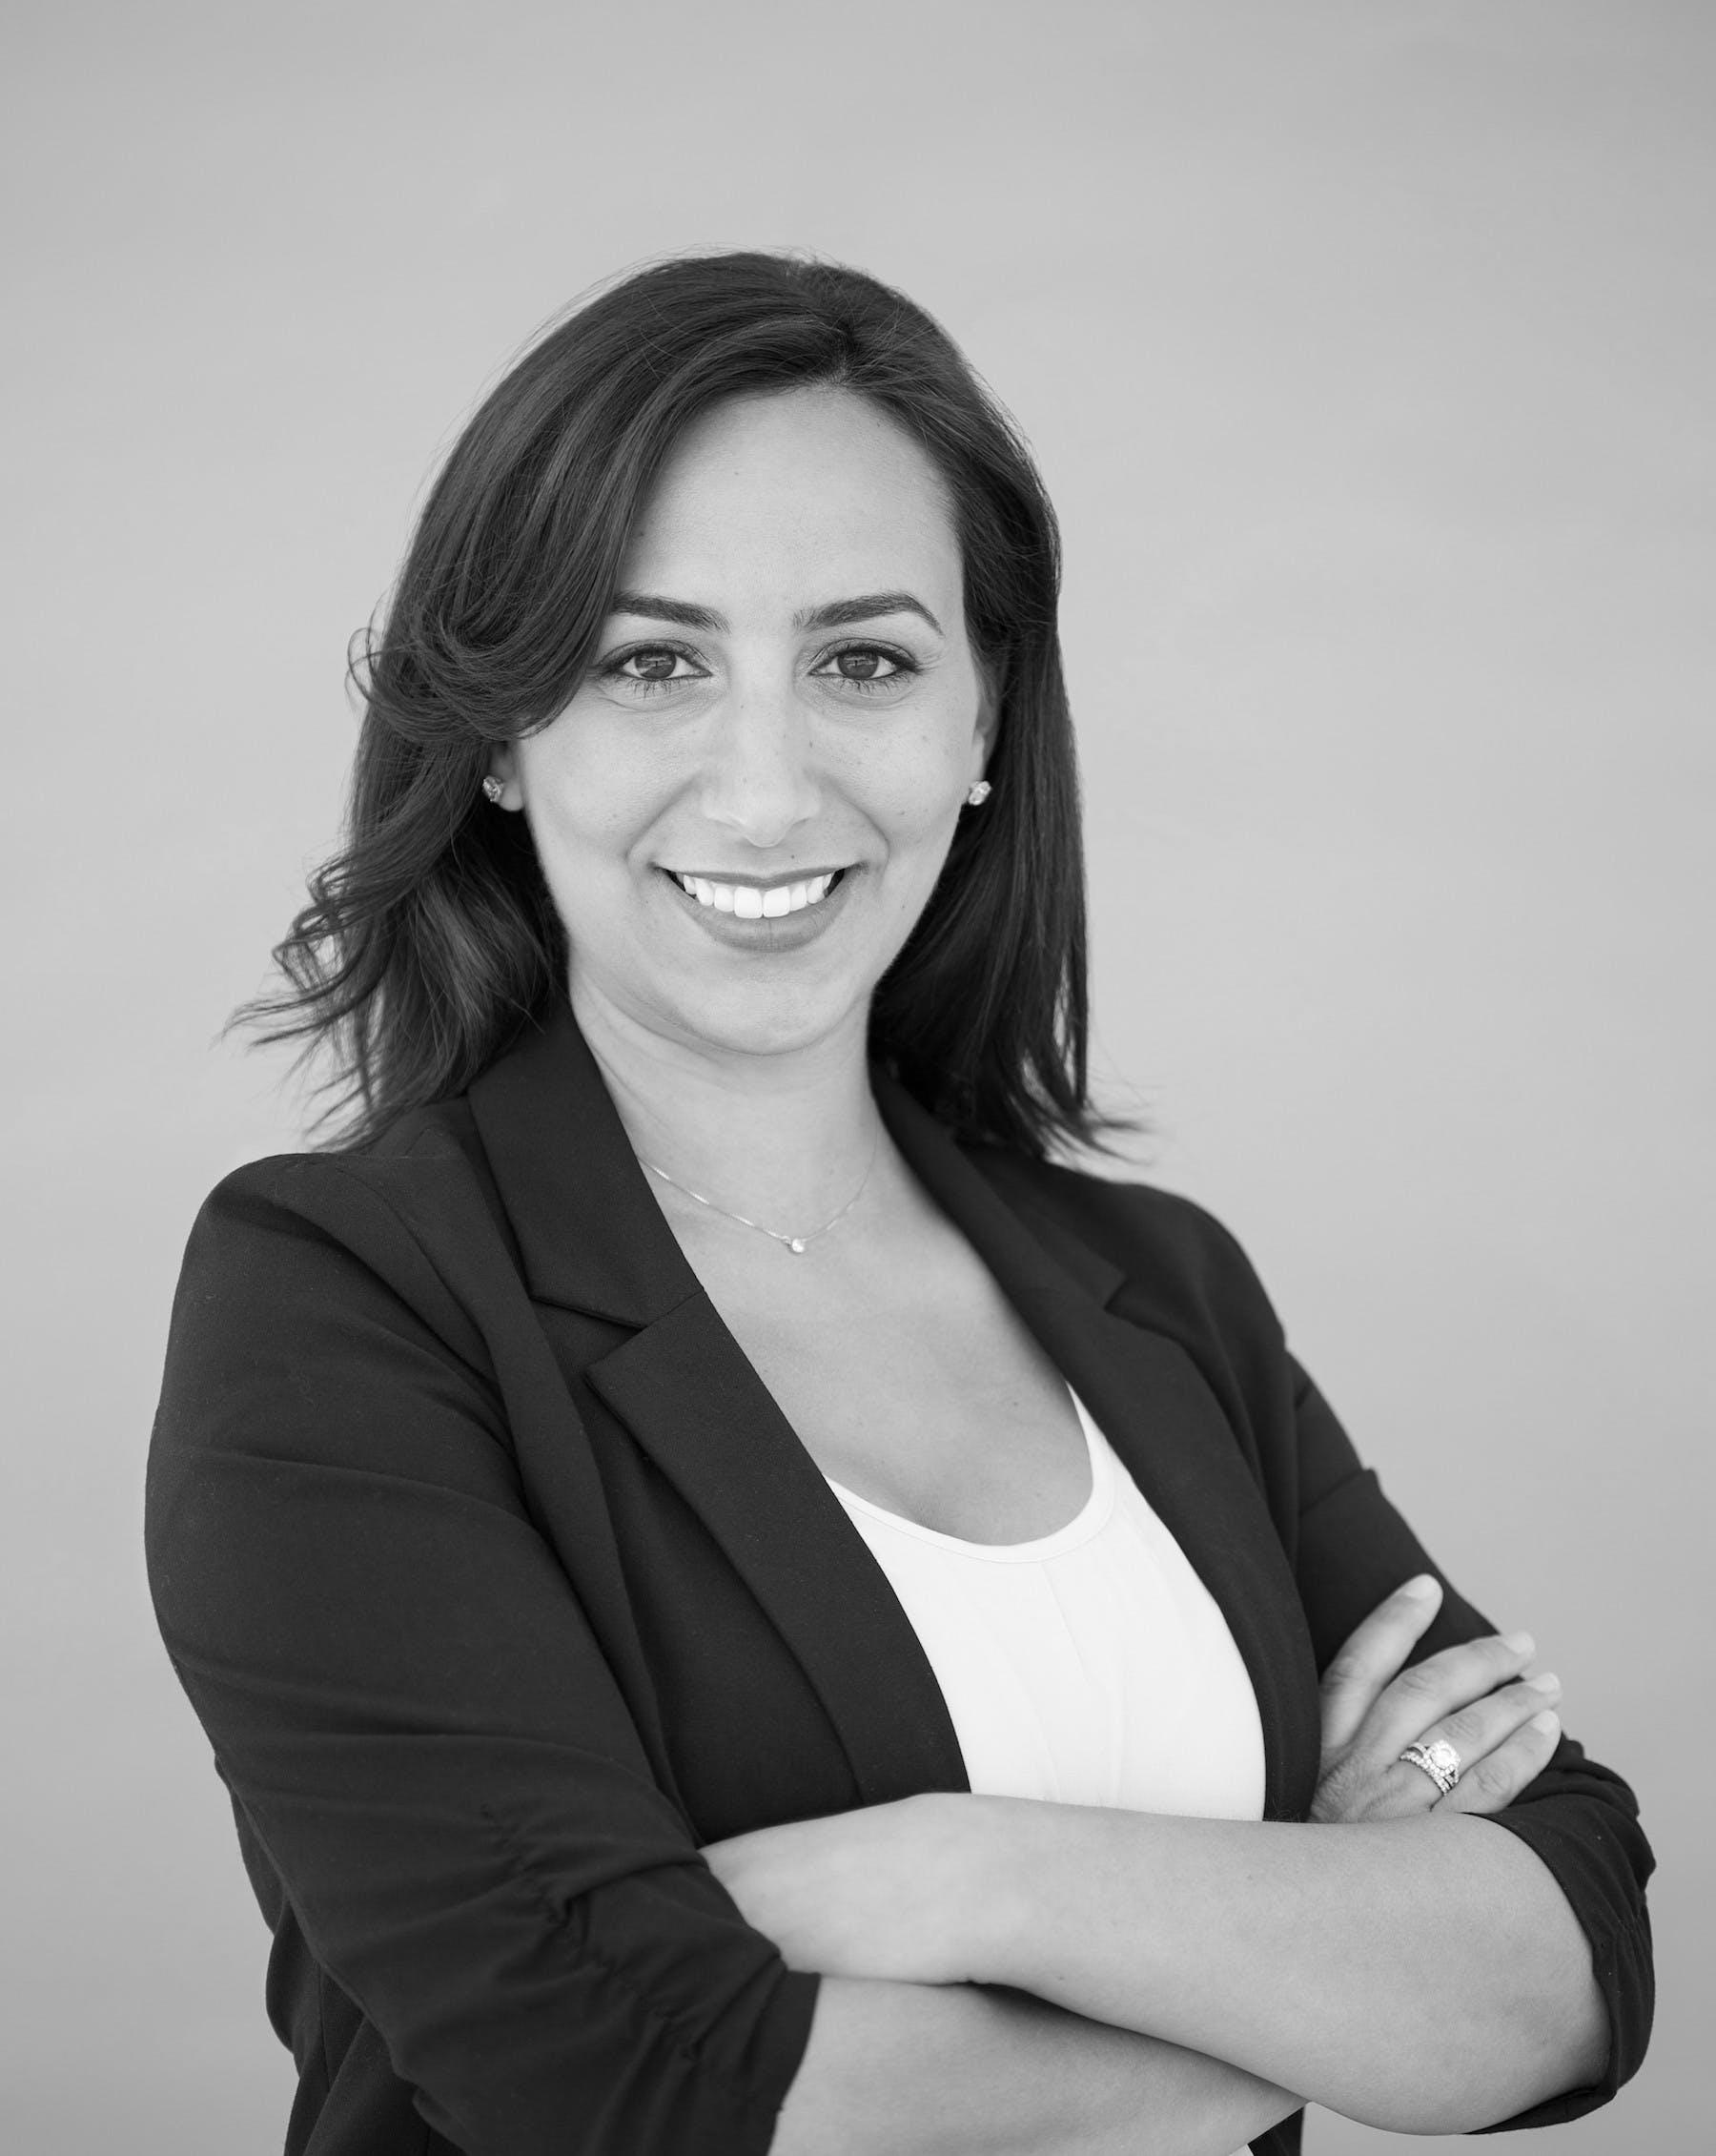 Daniella Alkobi